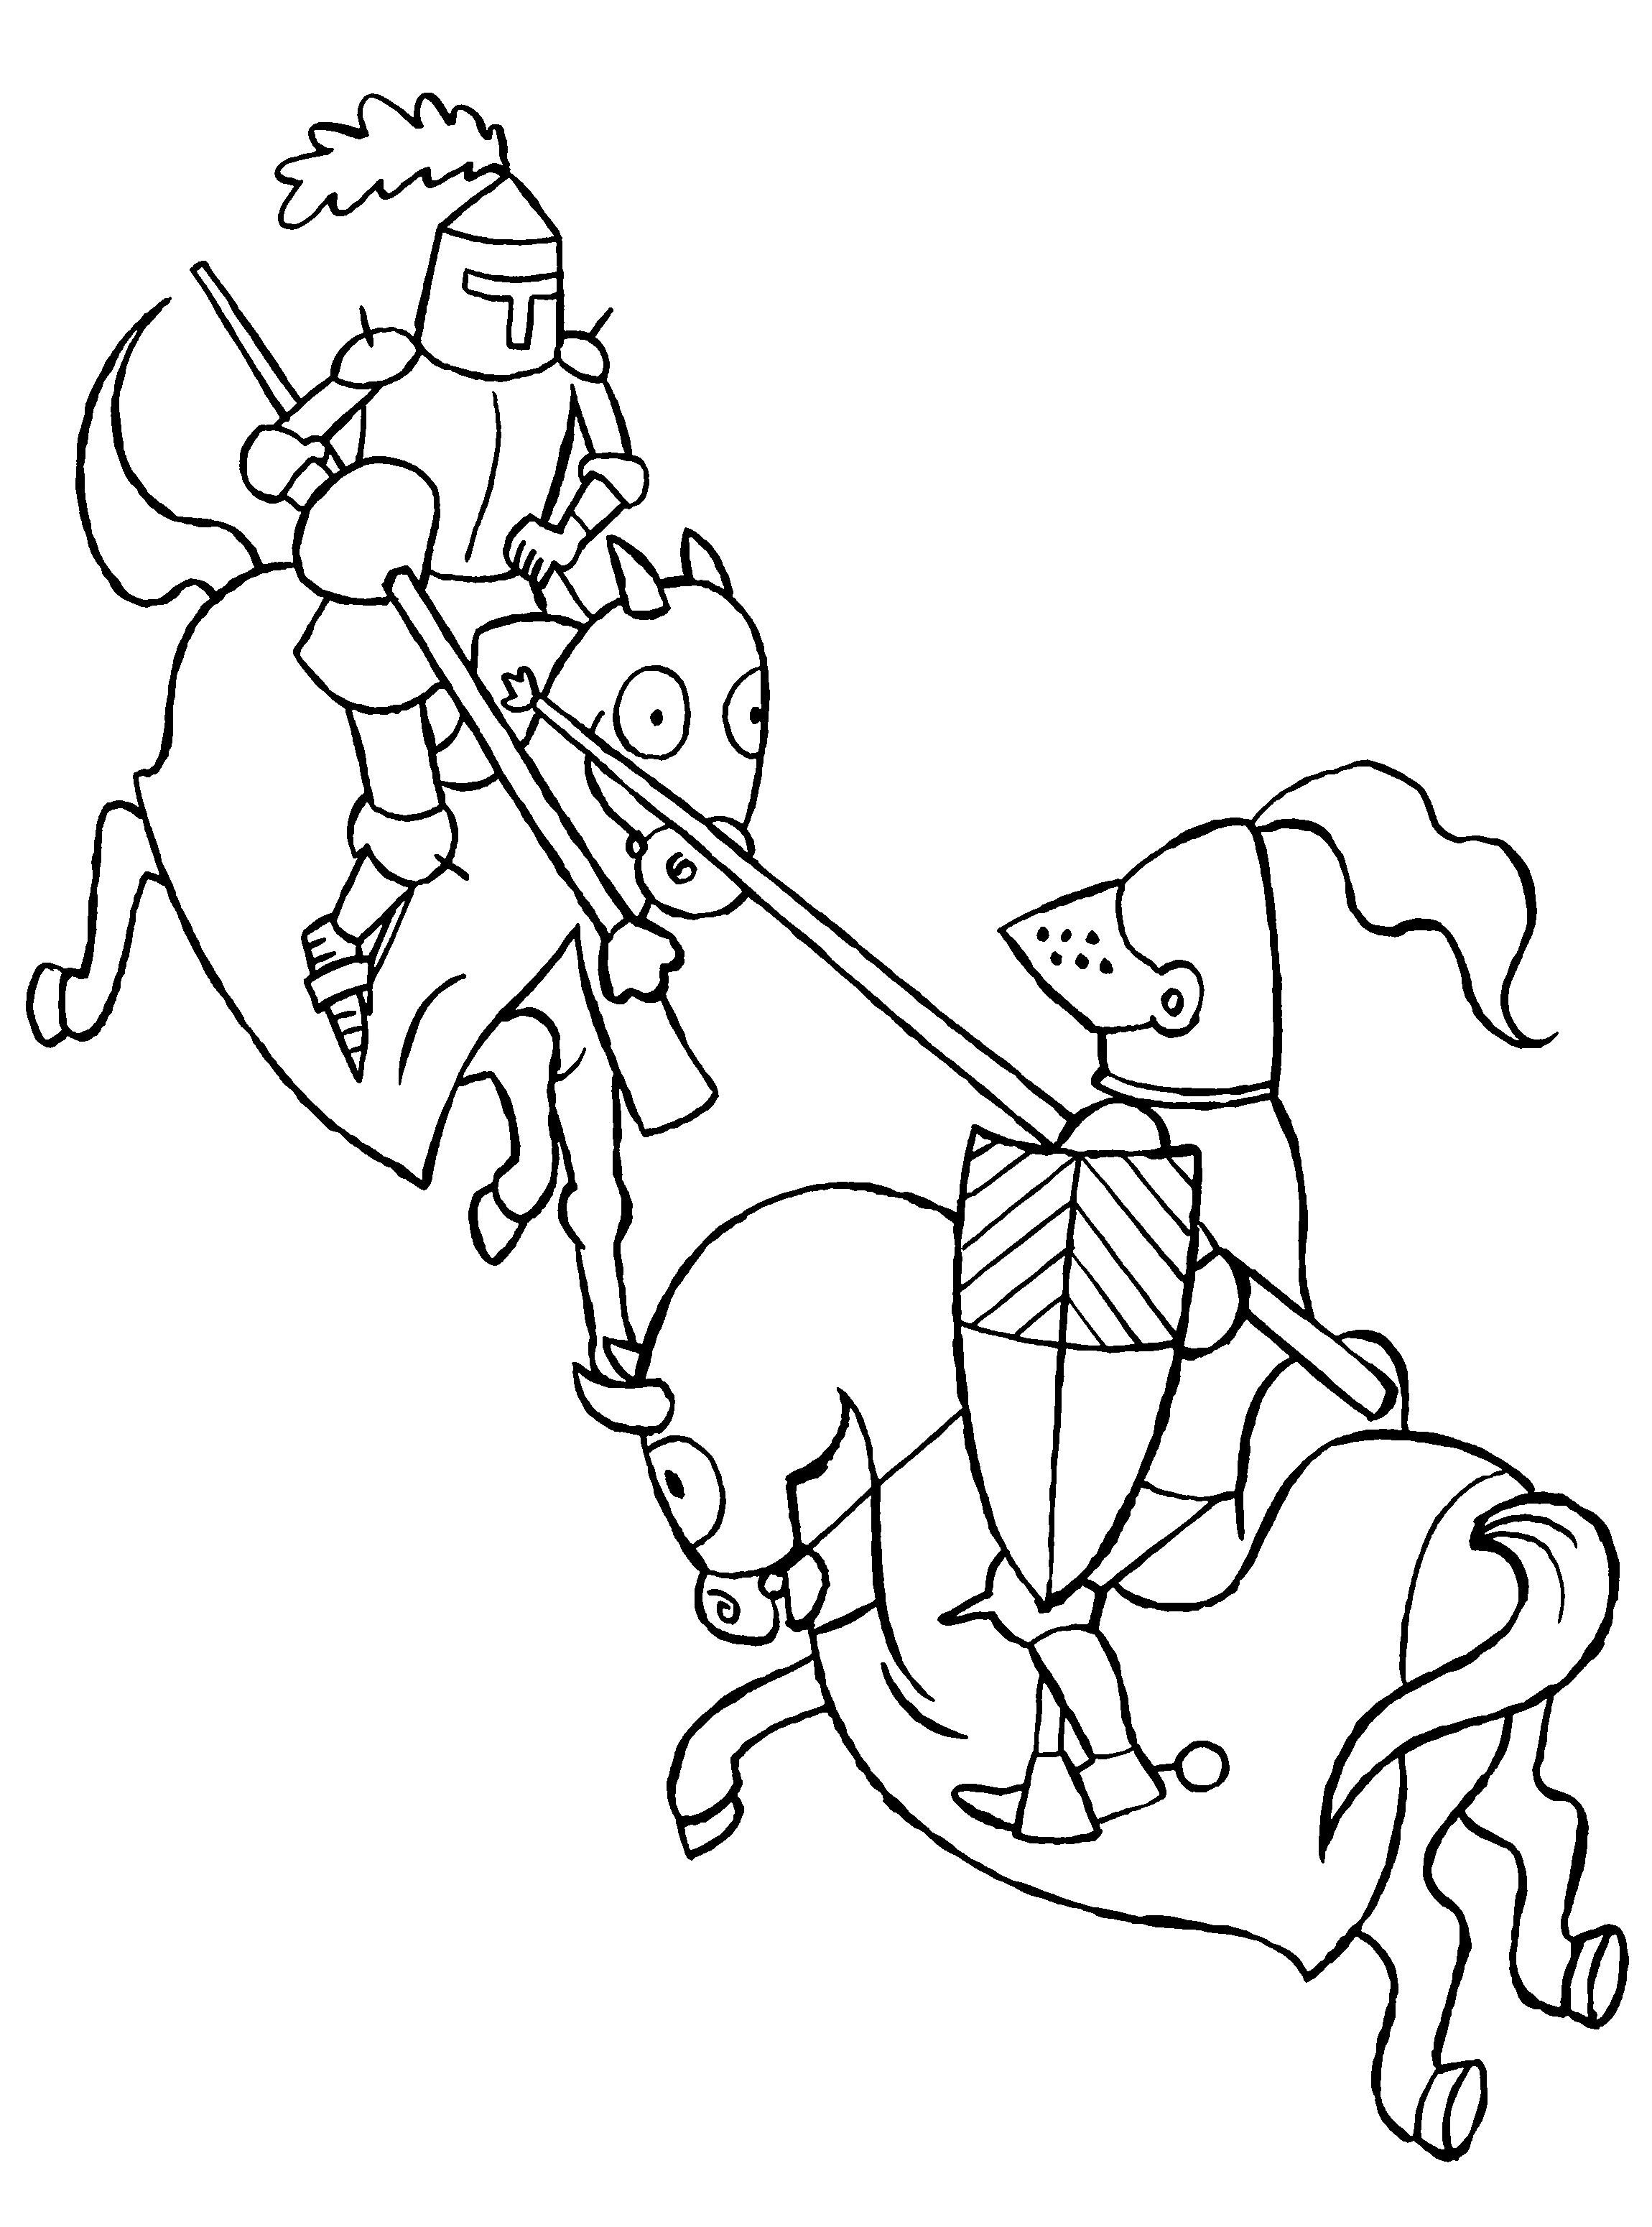 kleurplaten ridder op paard